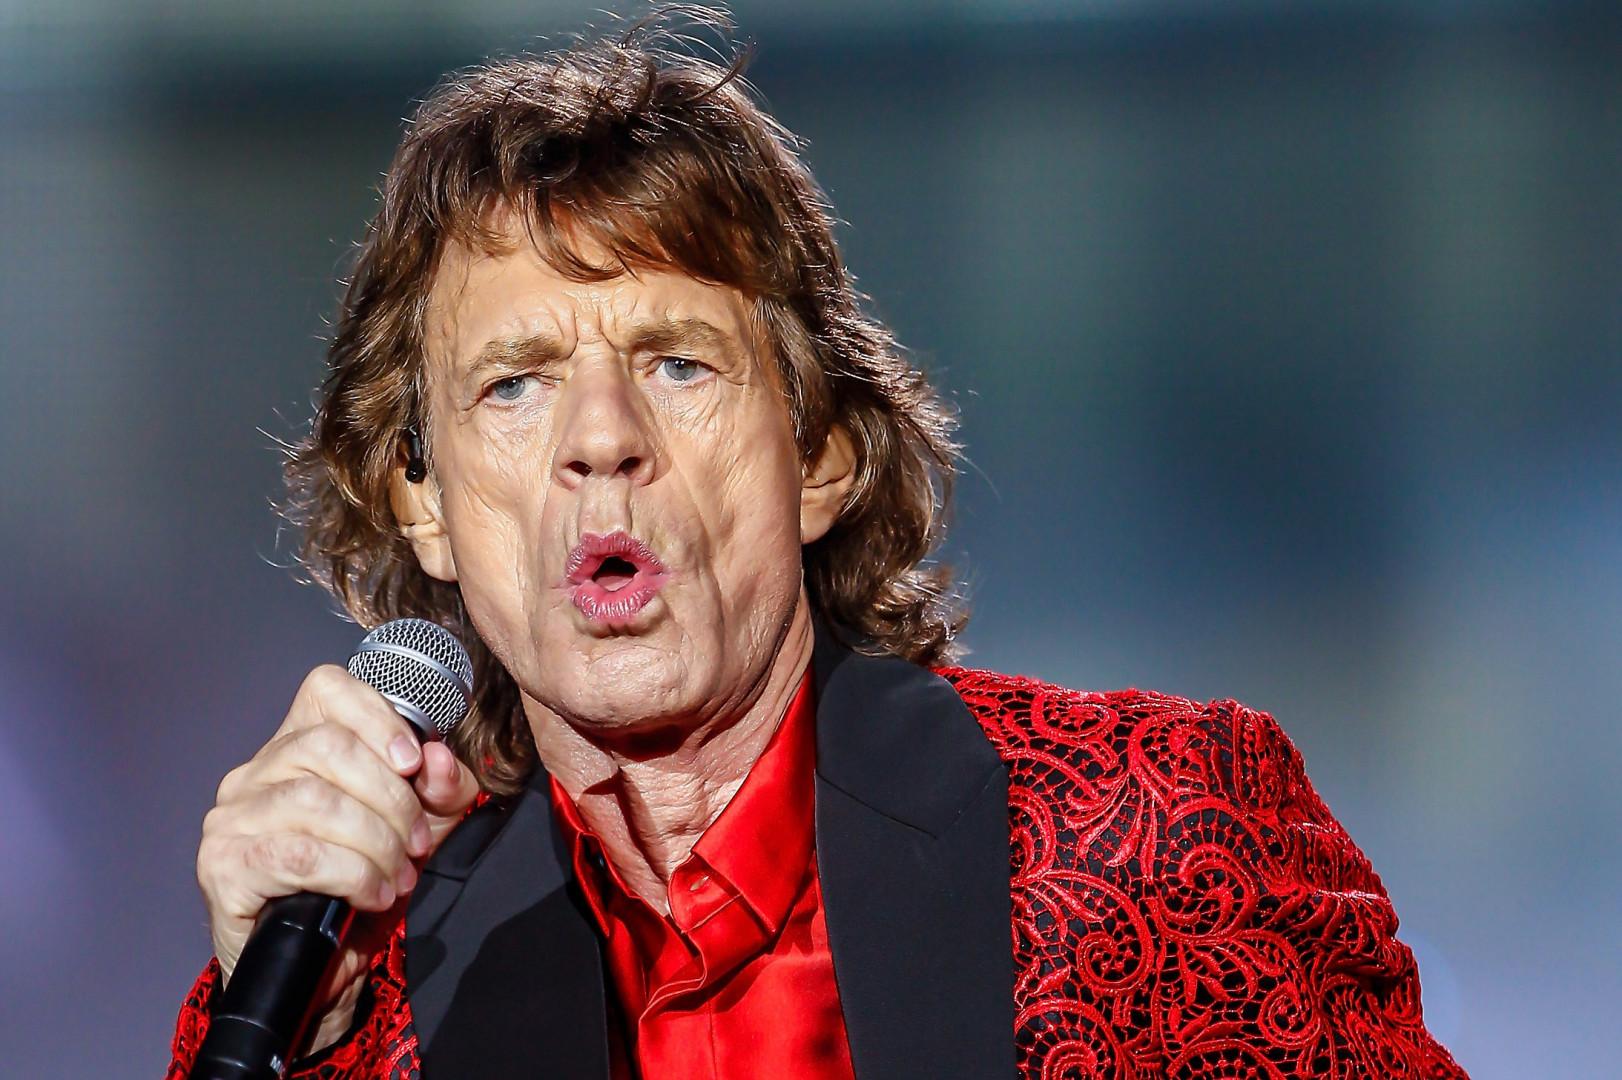 Mick Jagger, le légendaire chanteur des Rolling Stones, a pris position en faveur du Brexit